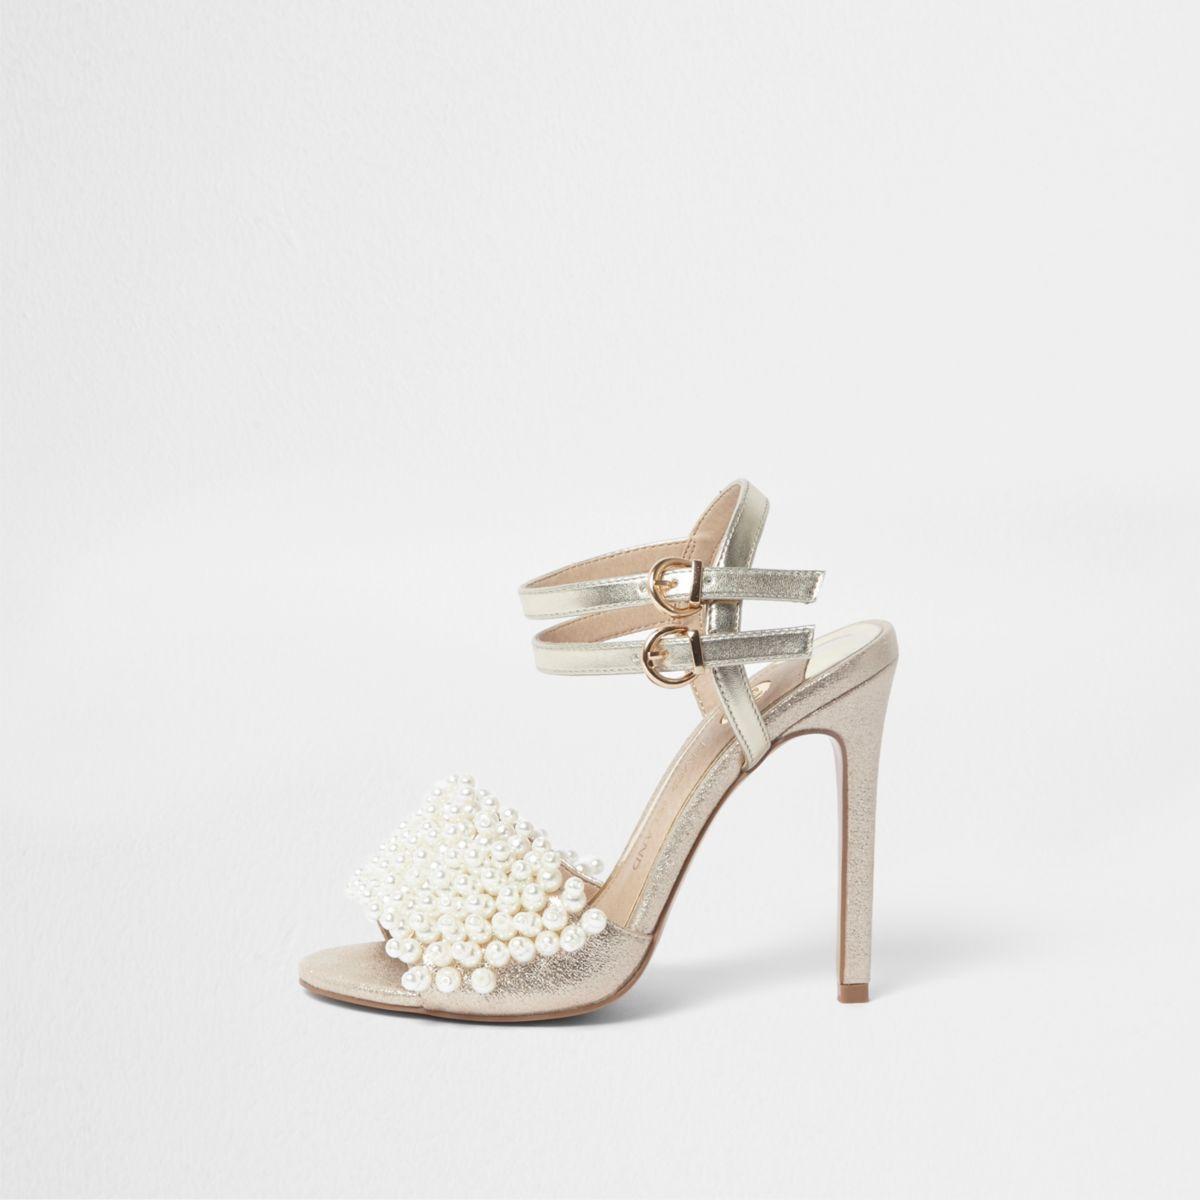 Sandales En Or Avec Des Perles Faux Sur Le Pied Avant Et Talon Haut G0urVgC